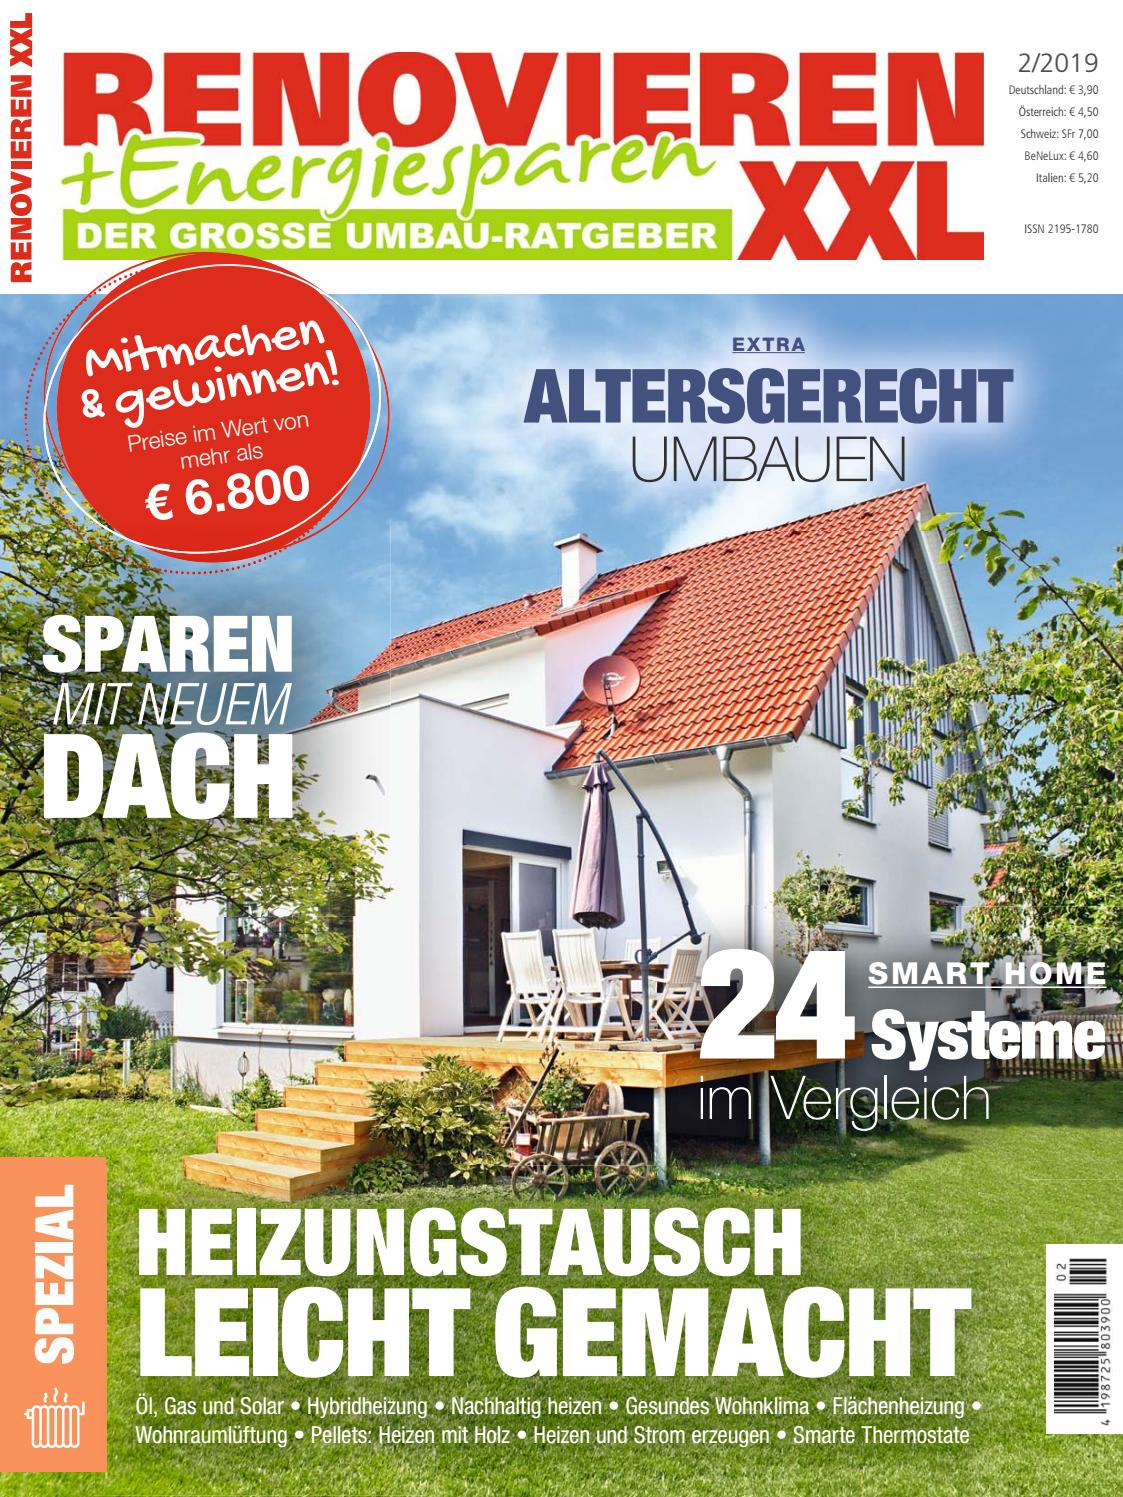 Garten Anlegen Neubau Einzigartig Renovieren & Energiesparen 2 2019 by Family Home Verlag Gmbh